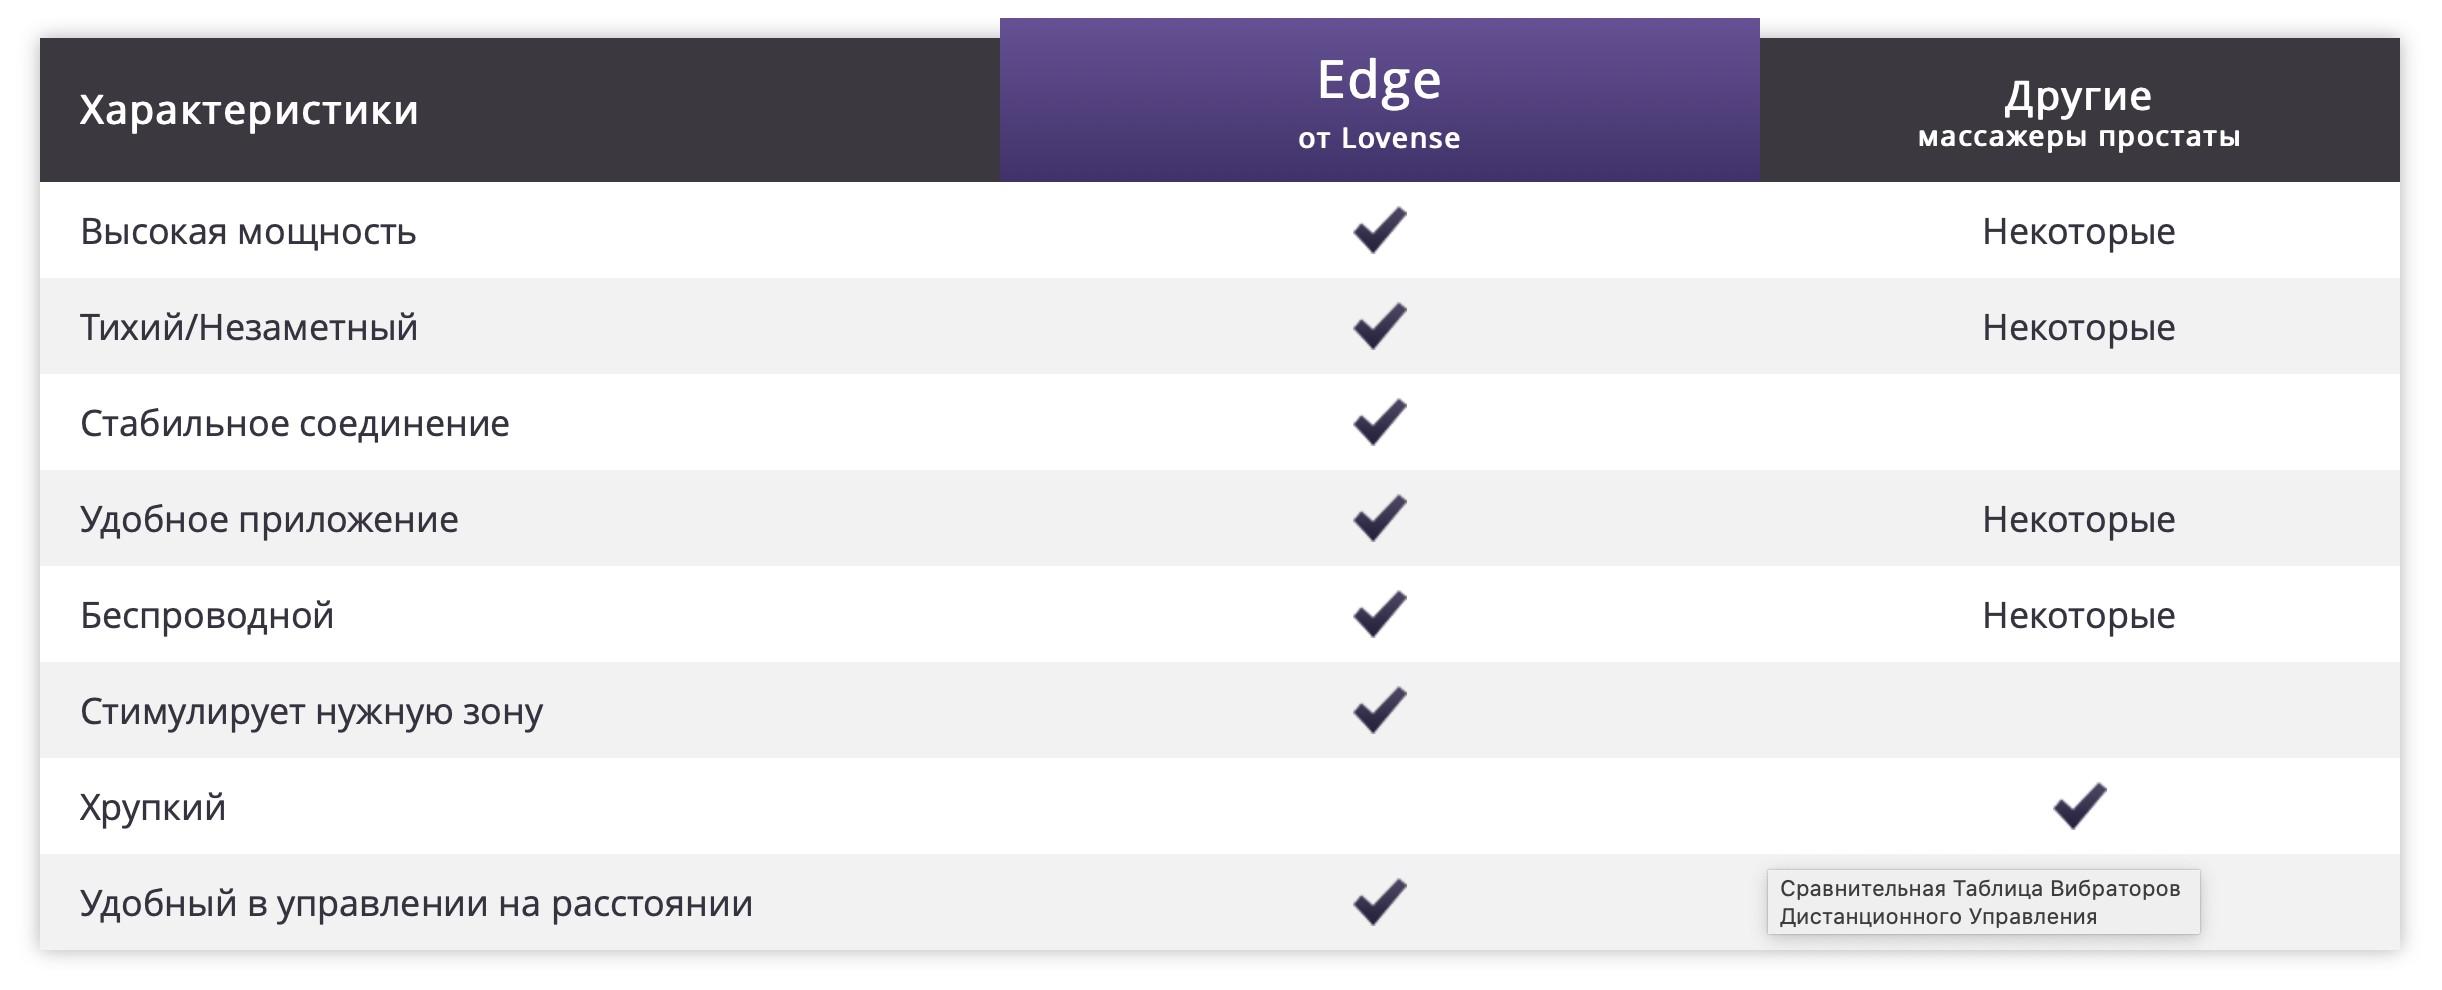 Сравнение Edge с аналогами